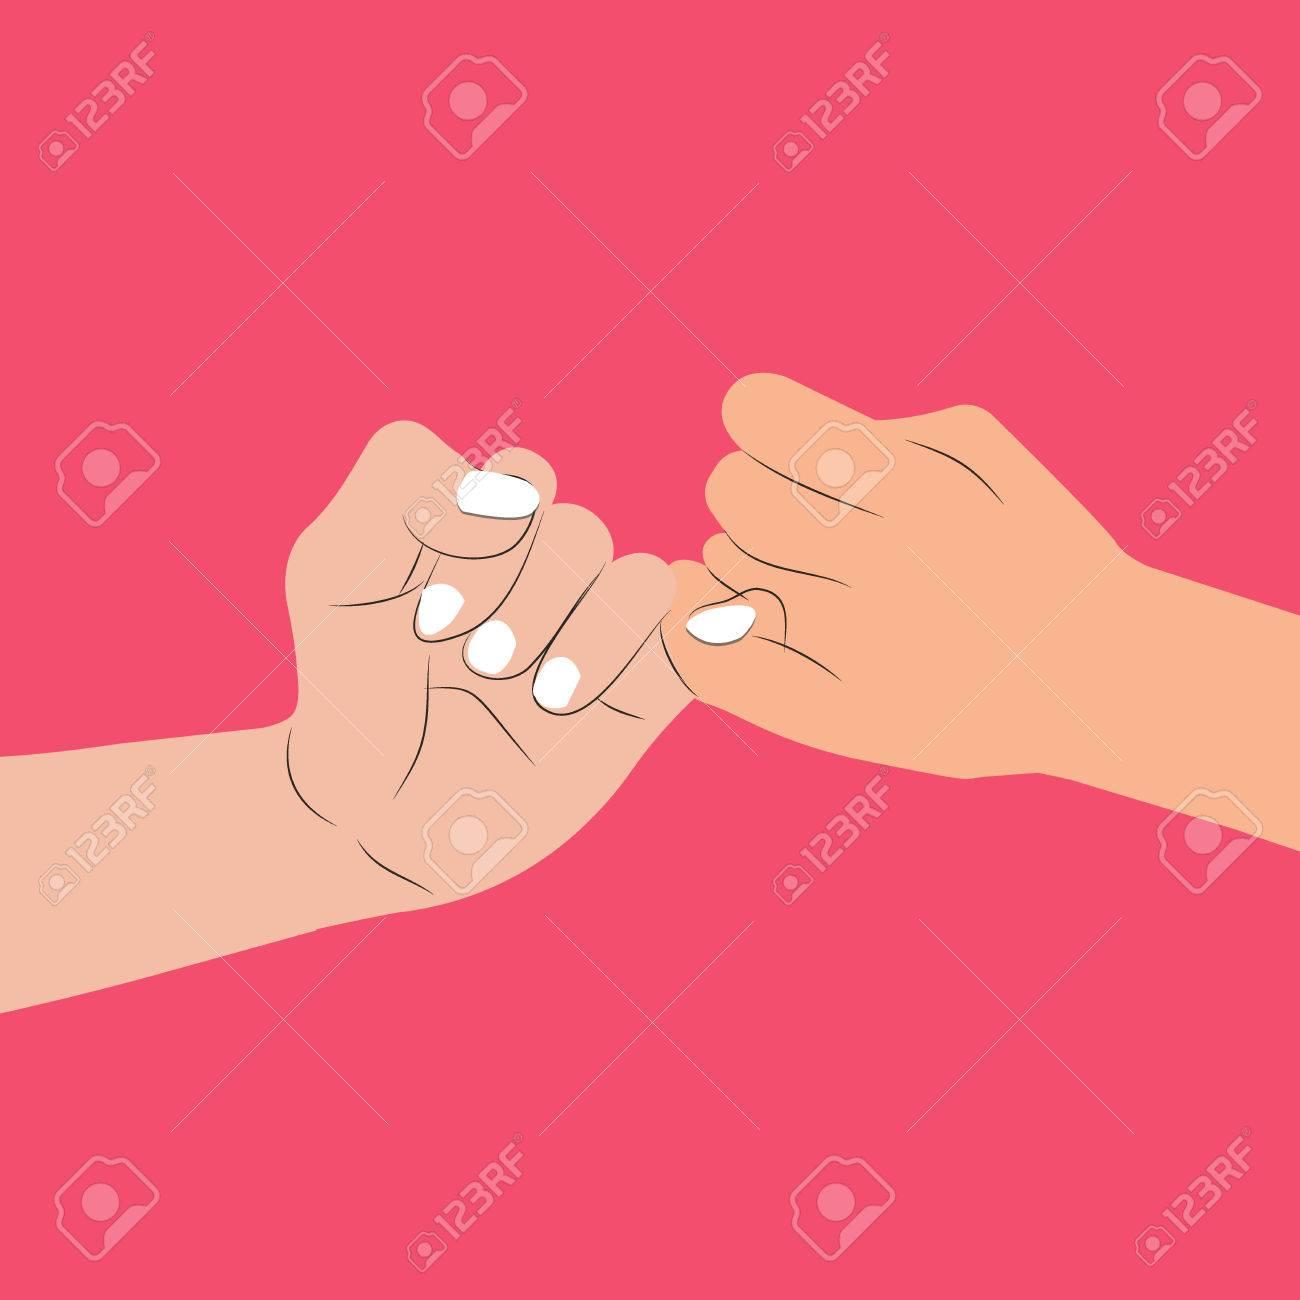 hand holding Pinky swear - 82661630